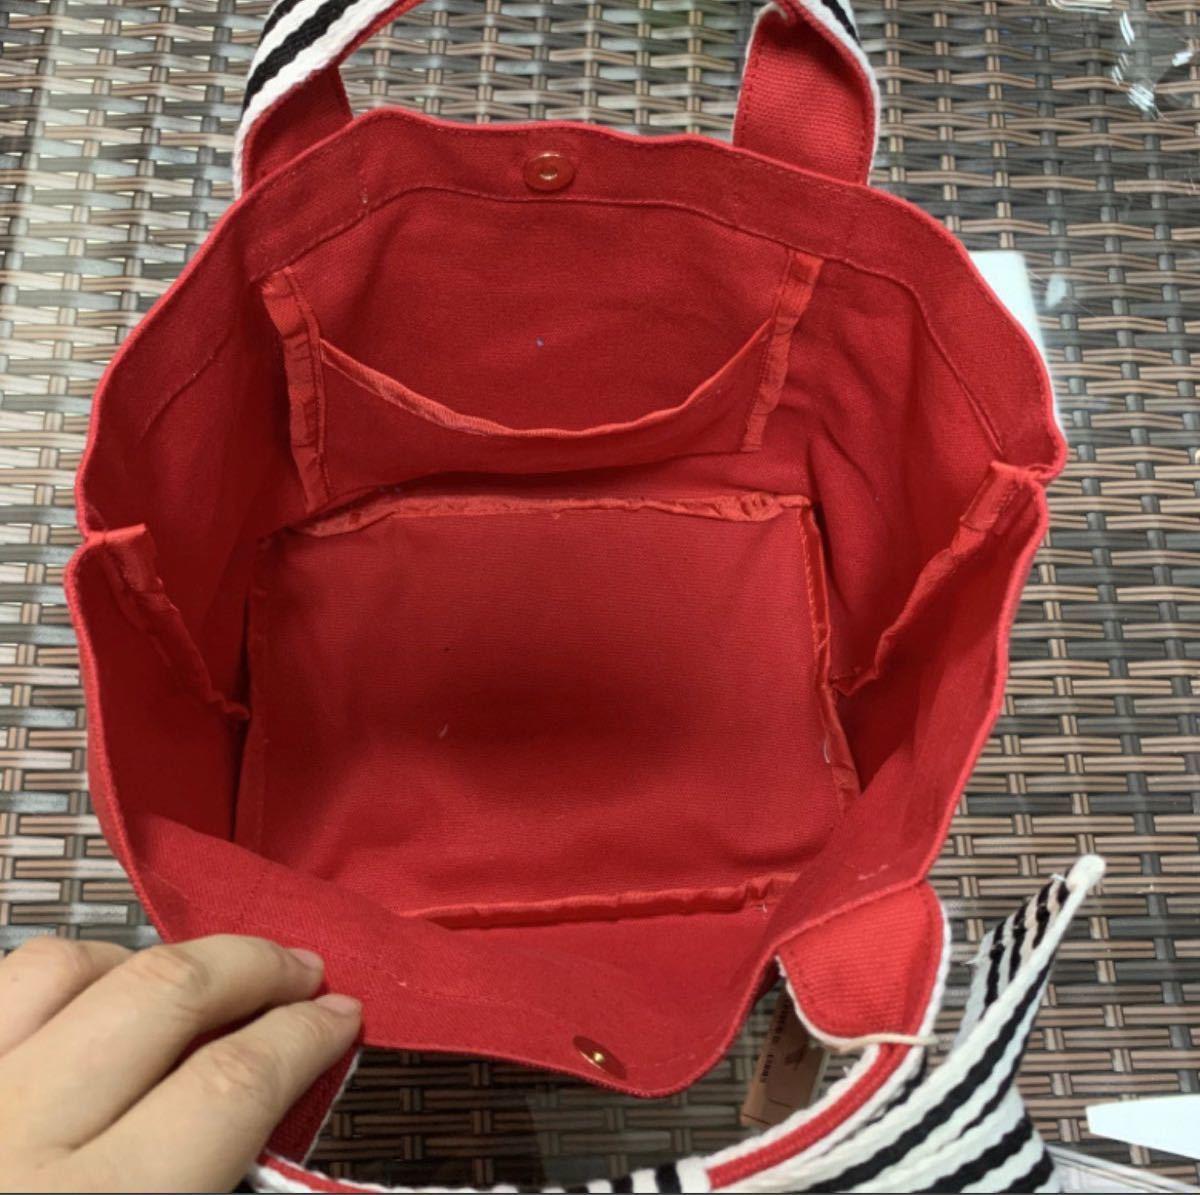 エコバッグ トートバッグ キャンバス ミニトート A4バッグ マザーバッグ